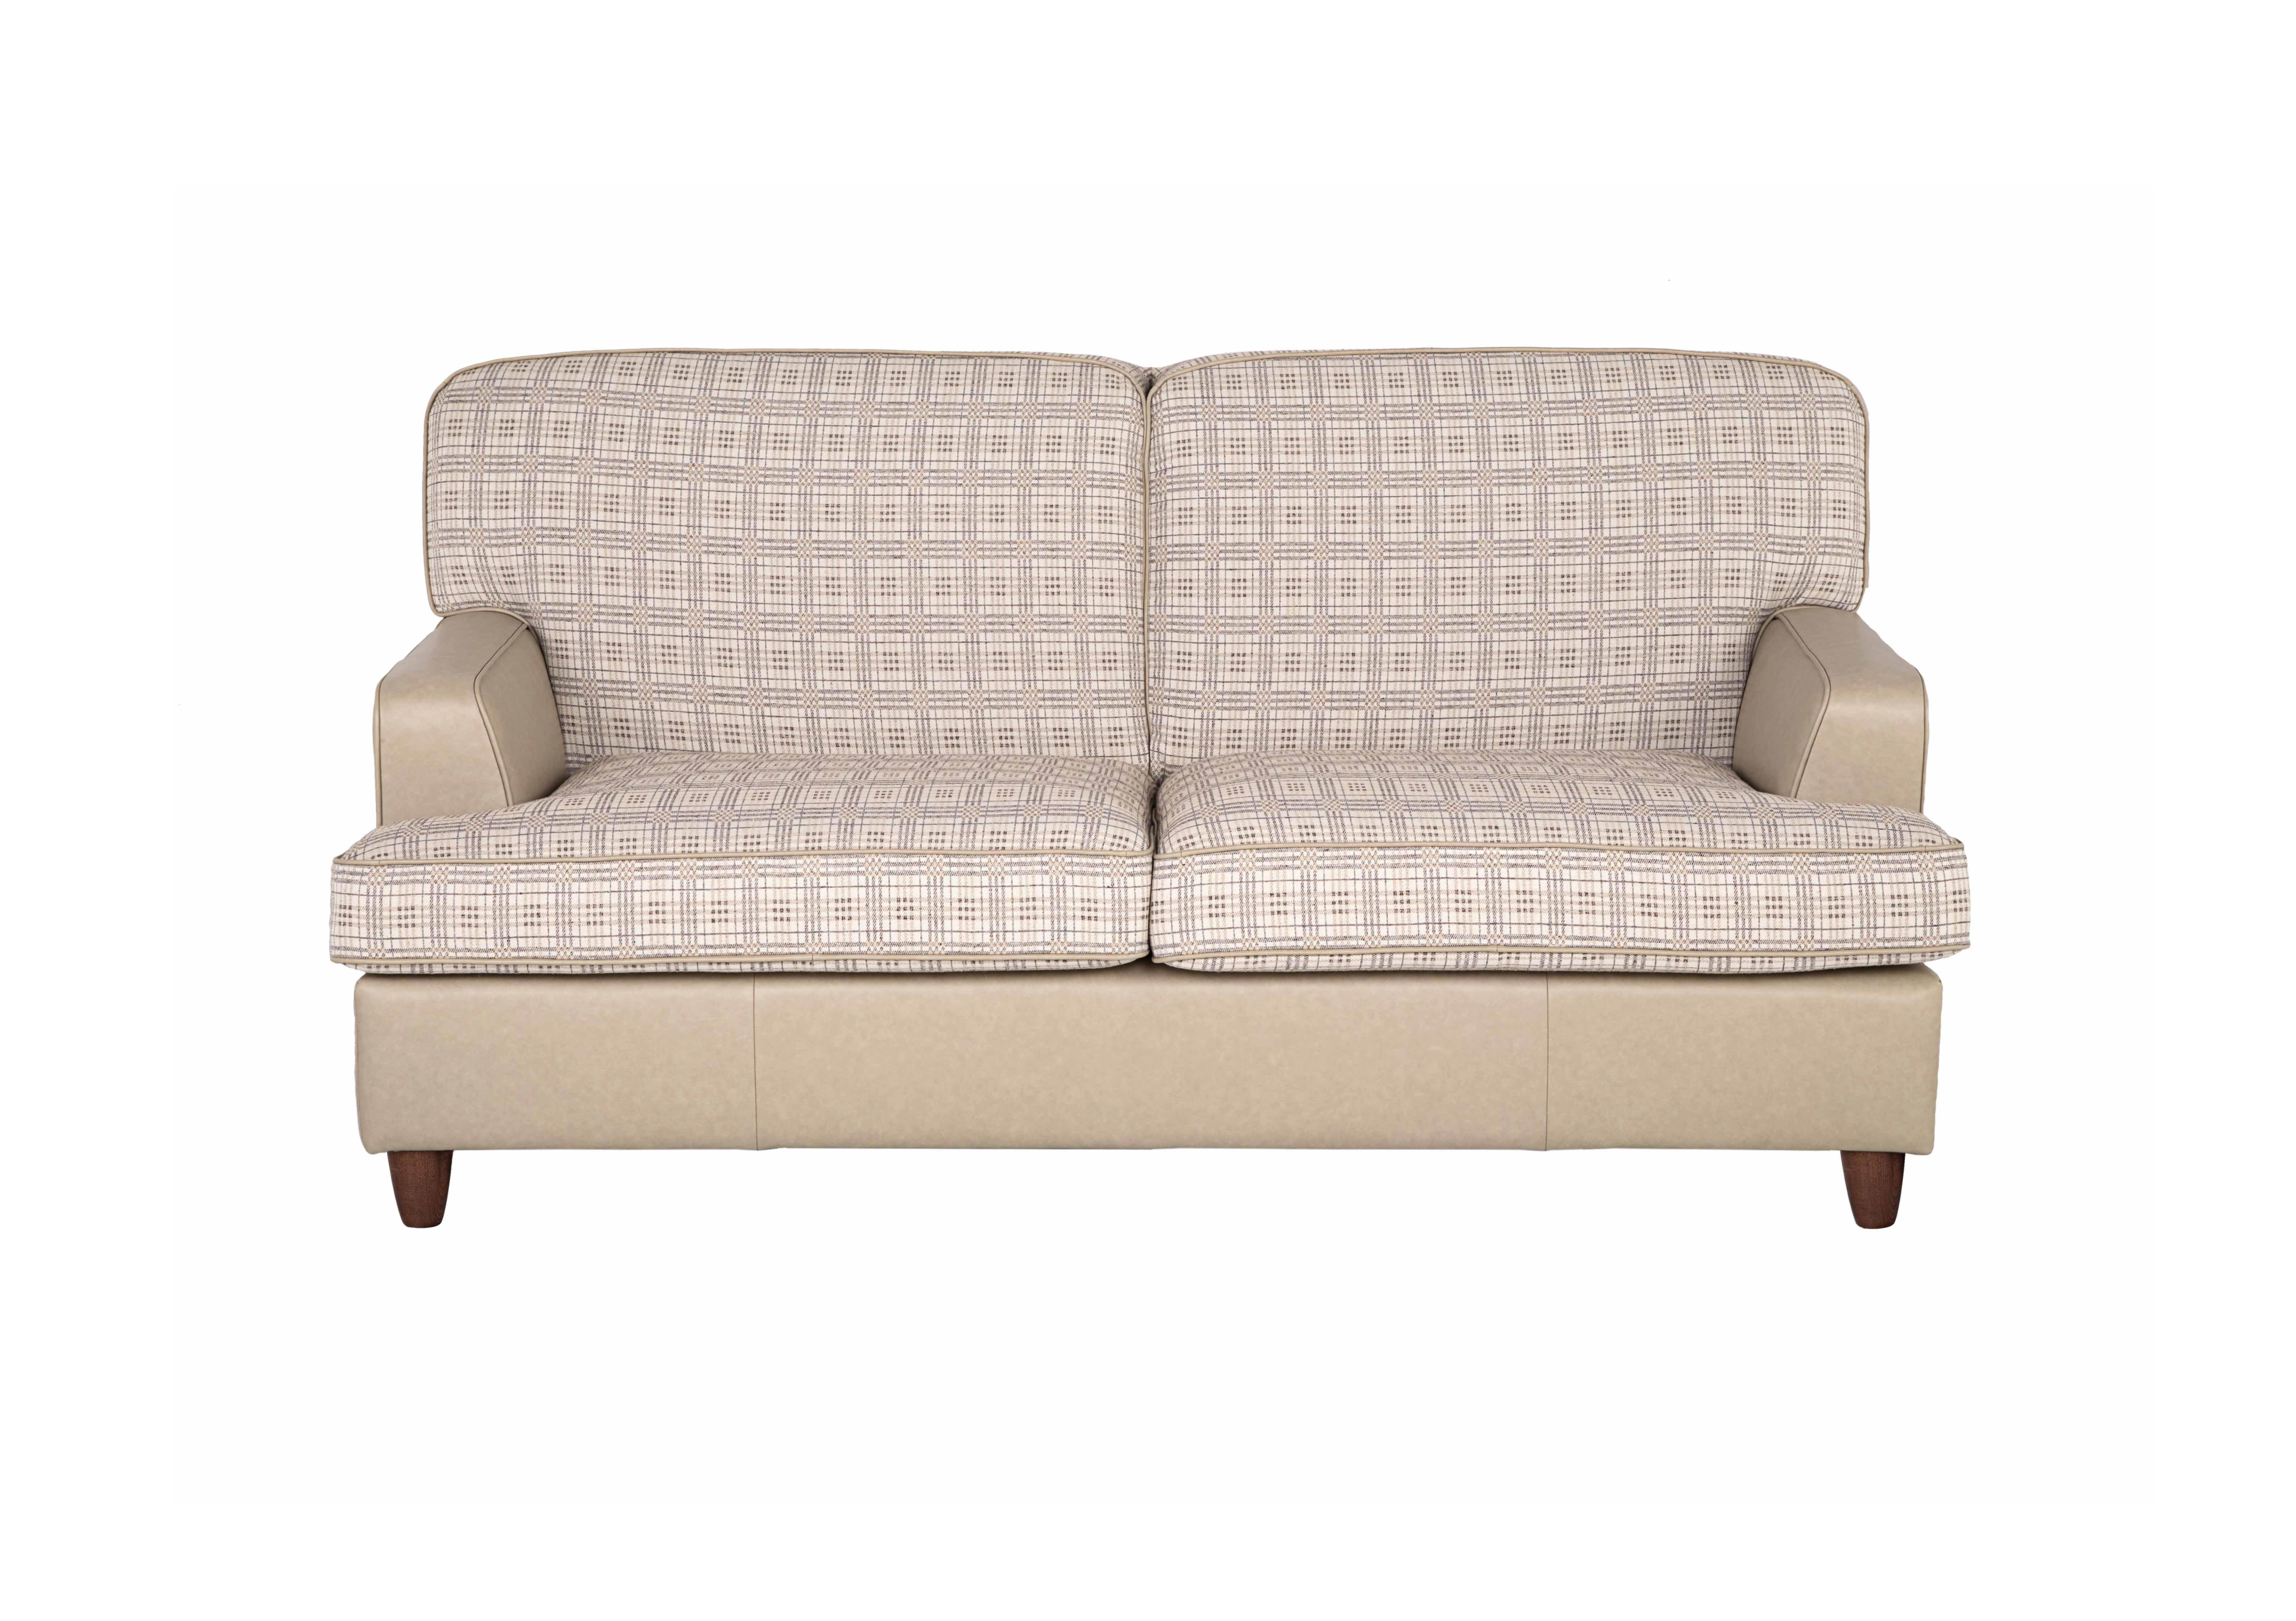 Диван-кровать ЖаклинПрямые раскладные диваны<br>Простота, лаконичность и изящество гармонично объединены в форме дивана. «Жаклин» примет каждого в свои теплые объятья и согреет заботой и пониманием. Дизайн дивана напоминает гладкие горные плато, покрытые ровным зеркалом воды, в котором отражаются рассветные лучи солнца.&amp;amp;nbsp;&amp;lt;div&amp;gt;&amp;lt;br&amp;gt;&amp;lt;/div&amp;gt;&amp;lt;div&amp;gt;Механизм трансформации миксотойл.&amp;amp;nbsp;&amp;lt;/div&amp;gt;&amp;lt;div&amp;gt;Спальное место 182*133 см.&amp;amp;nbsp;&amp;lt;/div&amp;gt;&amp;lt;div&amp;gt;Ннатуральная кожа+ткань, ткань-Бейкер стрит чек DC 12,&amp;amp;nbsp;&amp;lt;/div&amp;gt;&amp;lt;div&amp;gt;Кожа-antico polbos&amp;lt;/div&amp;gt;<br><br>Material: Кожа<br>Ширина см: 186.0<br>Высота см: 94.0<br>Глубина см: 95.0